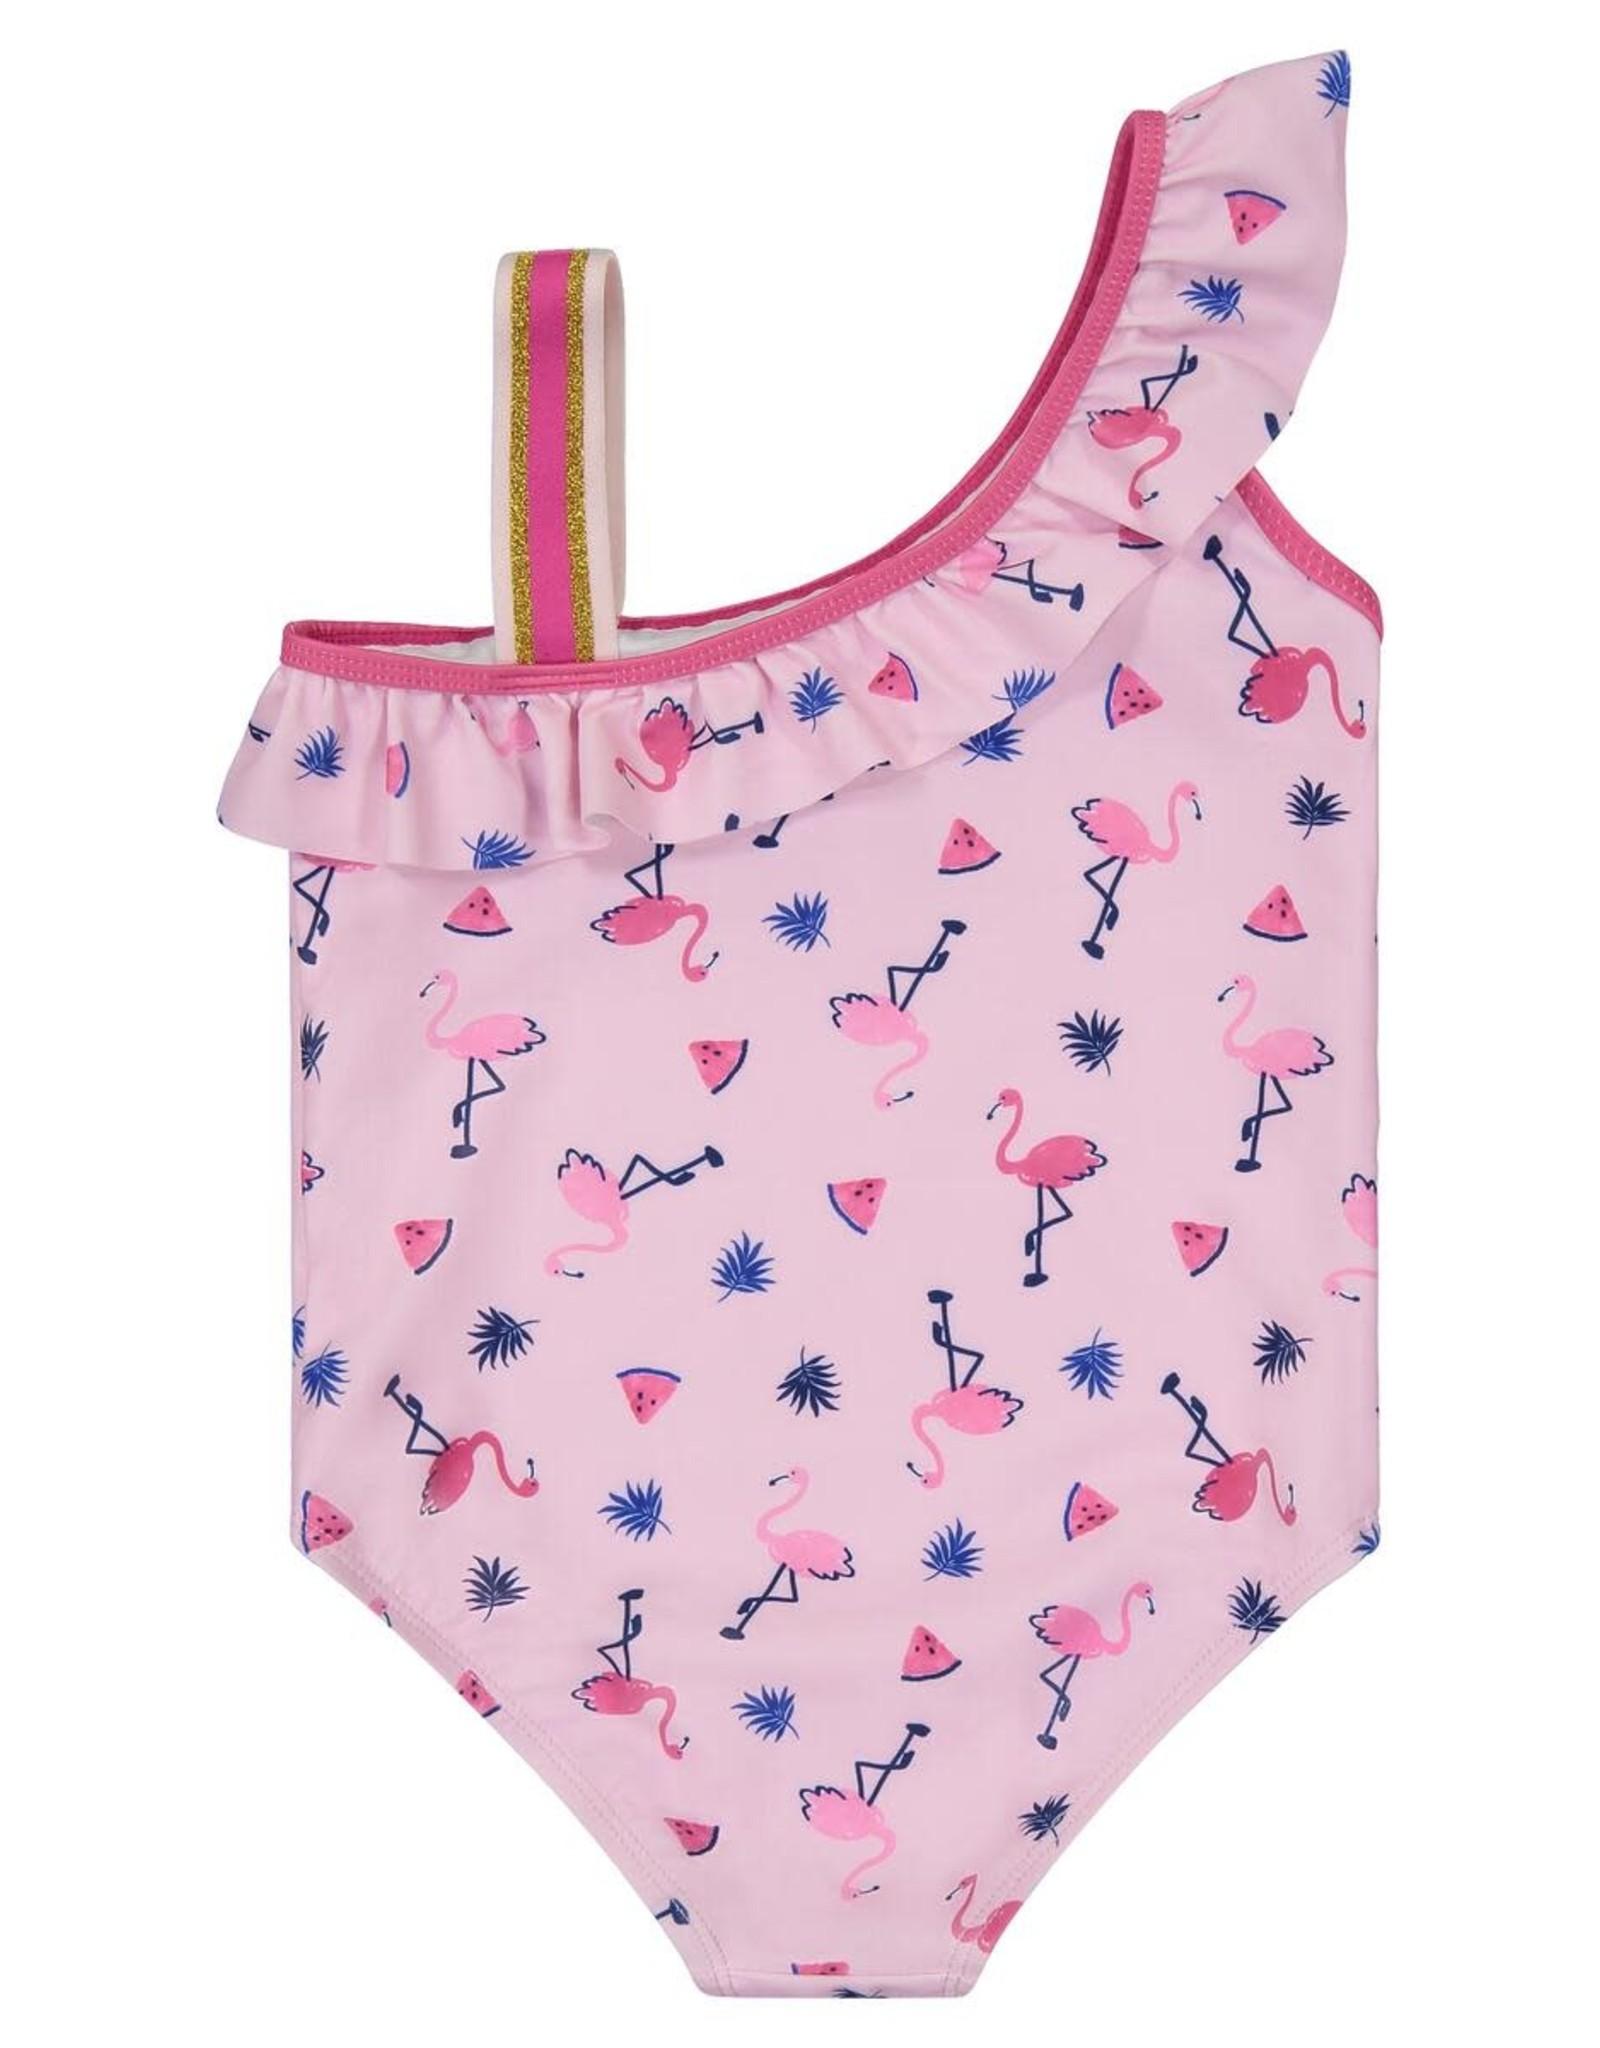 Andy & Evan One Piece Swimsuit, Flamingo